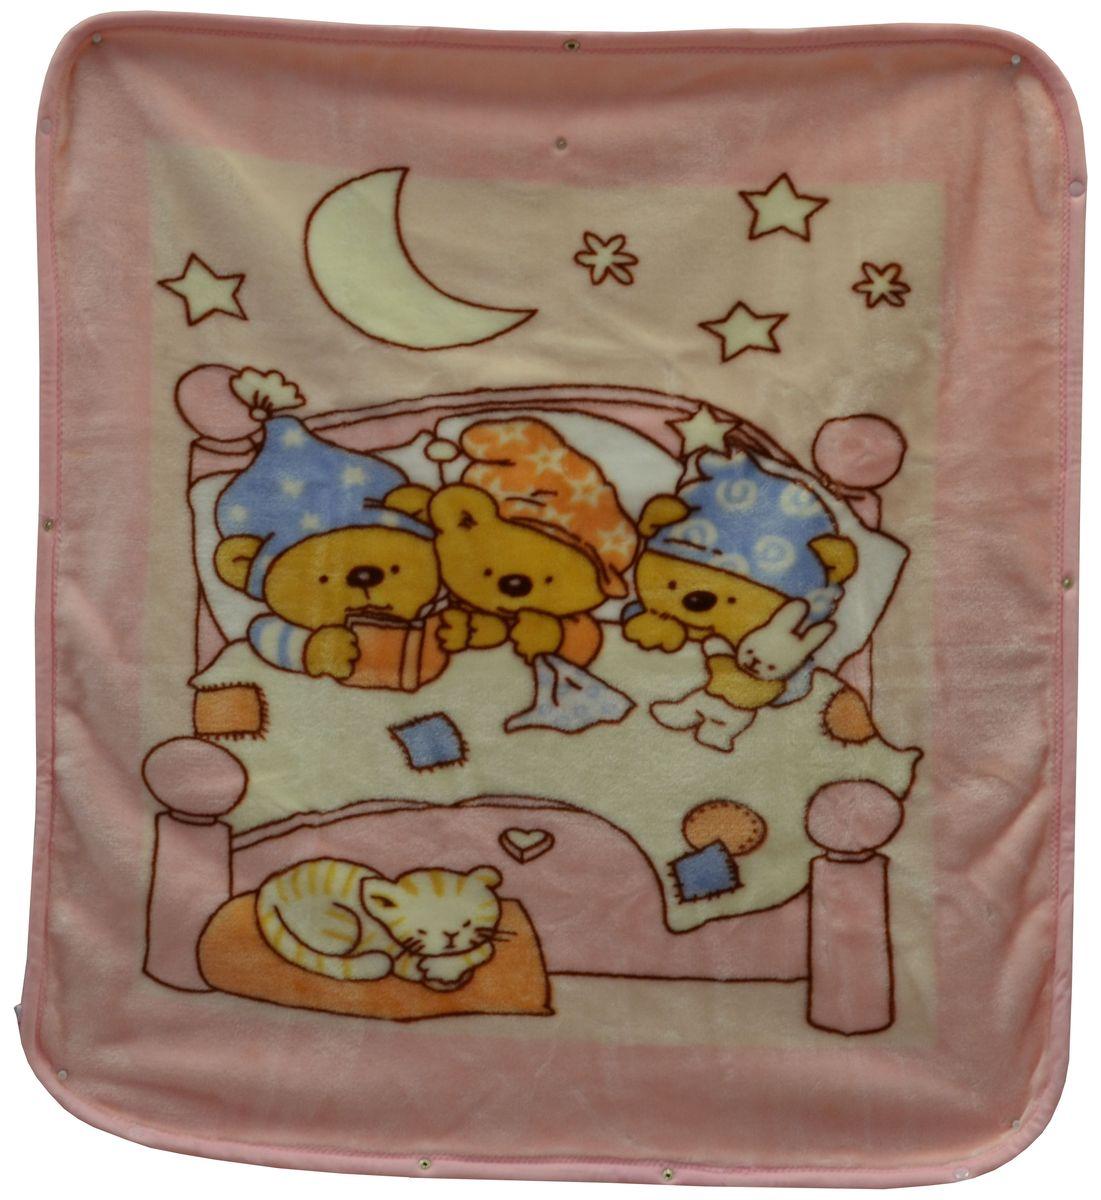 Bonne Fee Плед-накидка для младенцев на молнии 4, 80 х 90 см, цвет: розовый81046Плед-накидка для младенцев на молнии Bonne Fee - защита, тепло и комфорт для малышей - использован надёжный, качественный и мягкий материал! Удобство и спокойствие для родителей обеспечивается универсальностью пледа-накидки, конструкция которого позволяет ему легко превращаться в конвертик. Отличное качество и практичность! Любите своего ребёнка и дарите ему лучшее!